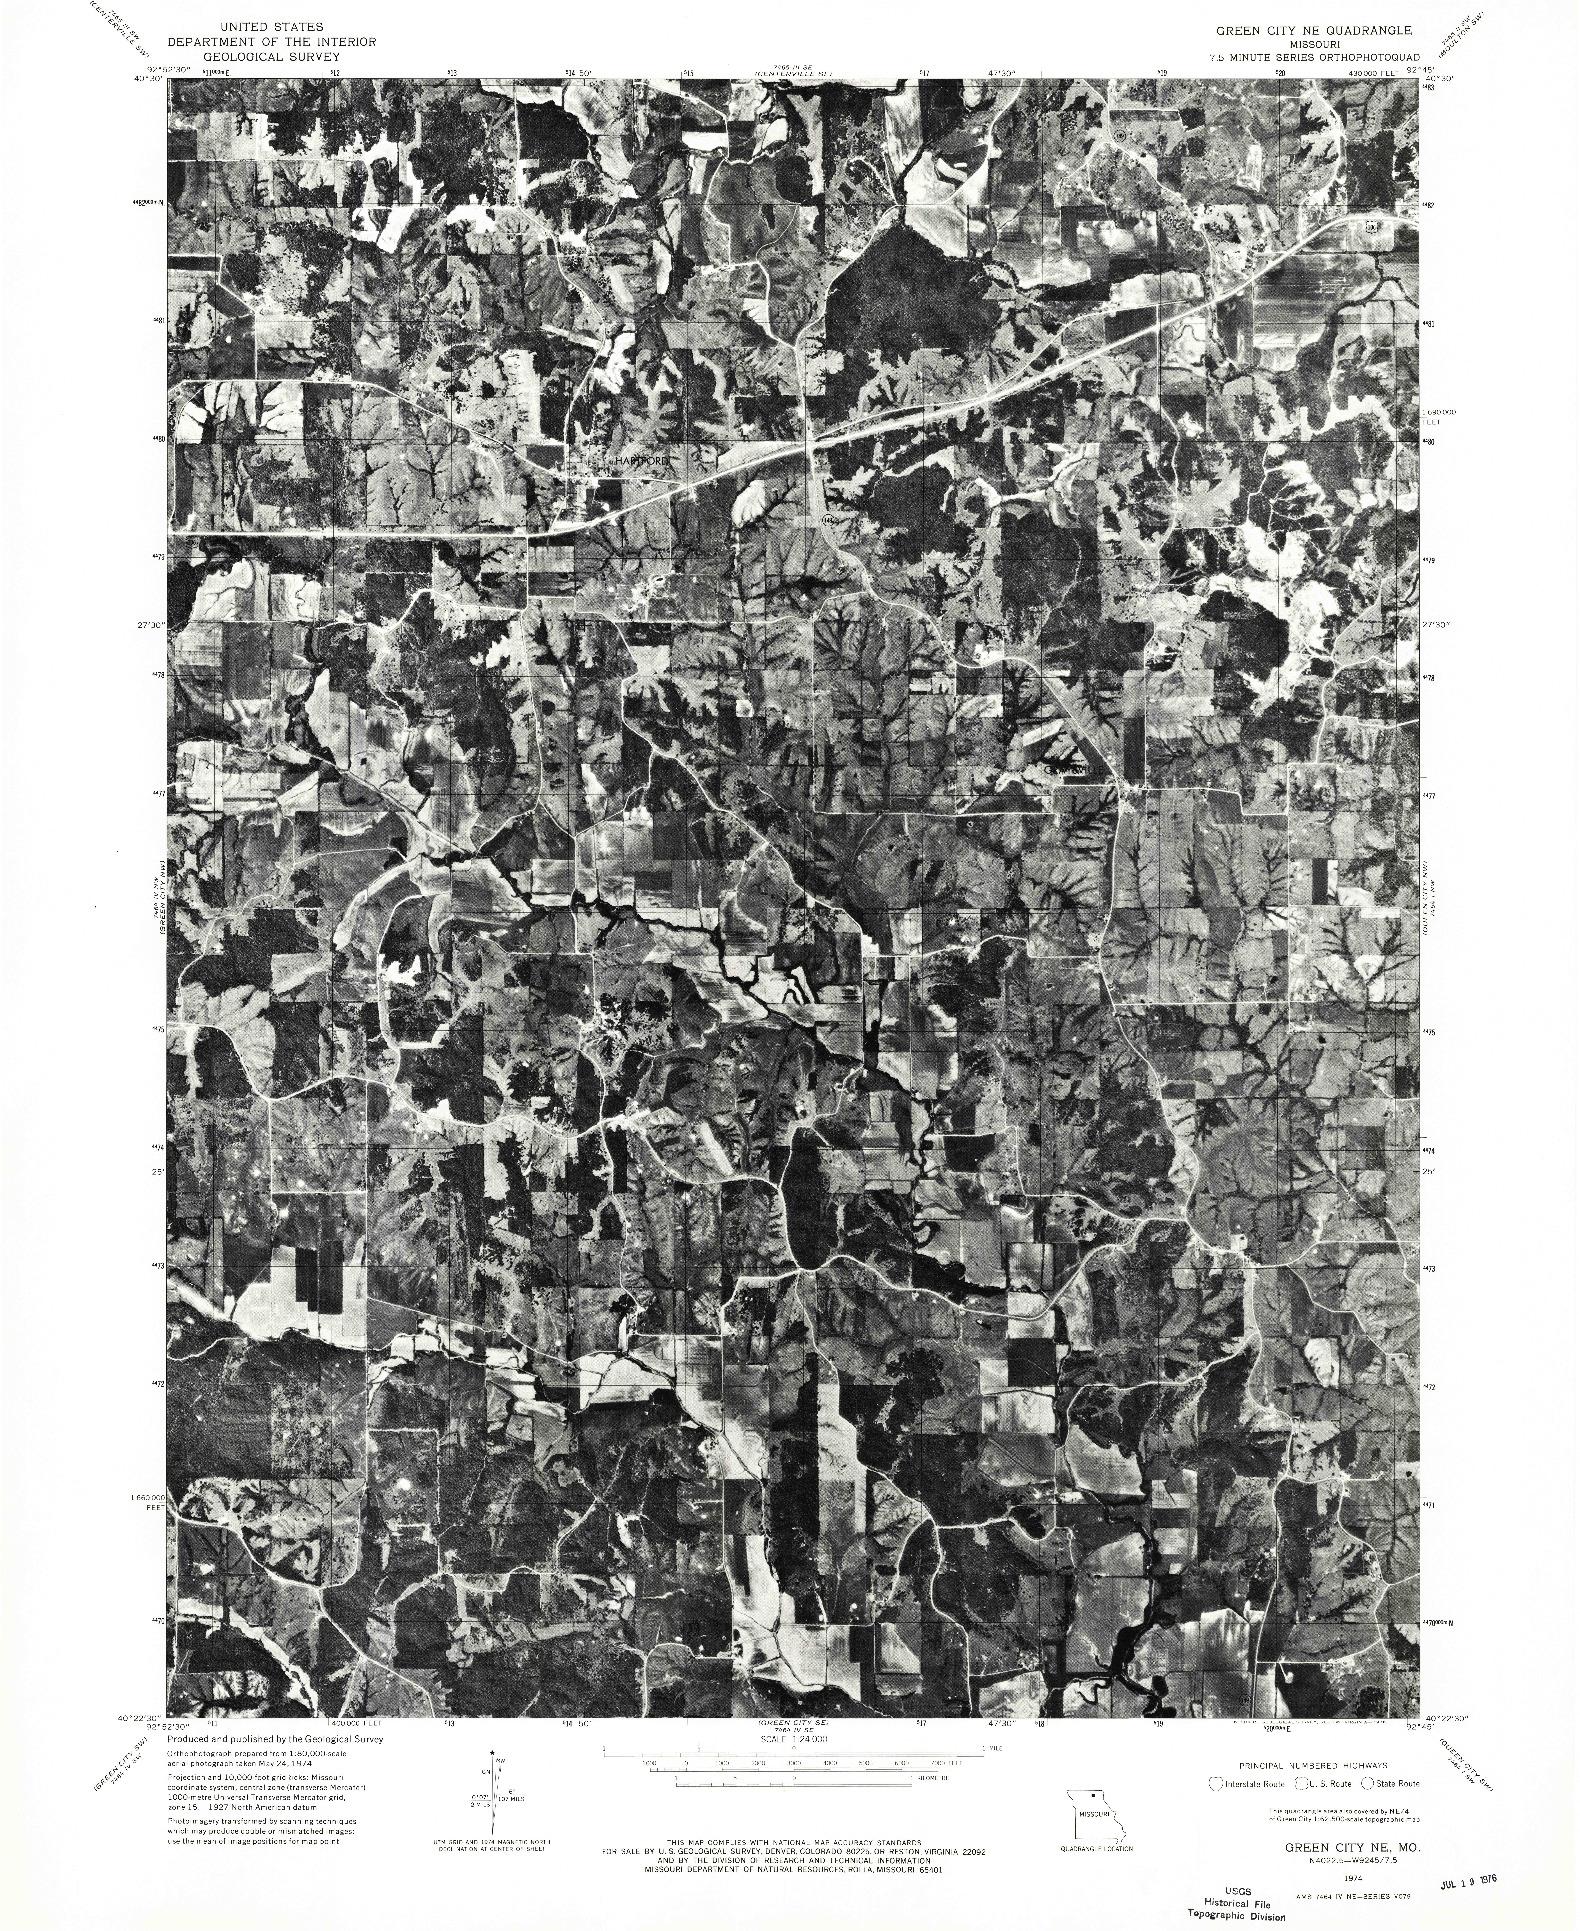 USGS 1:24000-SCALE QUADRANGLE FOR GREEN CITY NE, MO 1974